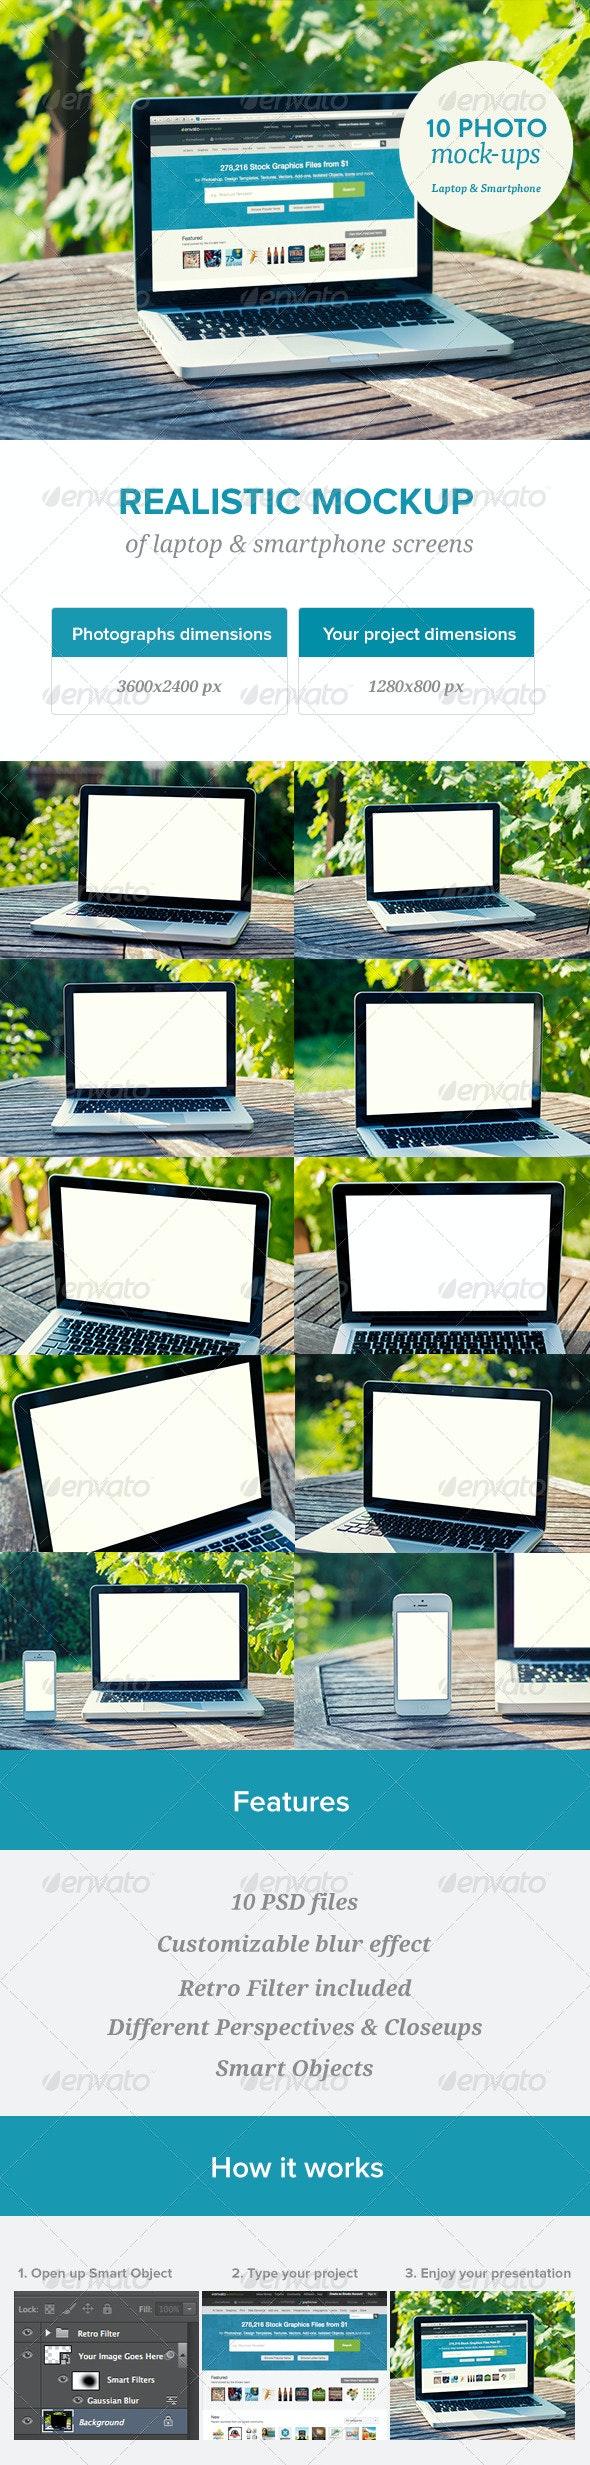 Laptop Screen Mockup - 10 PSD files - Laptop Displays